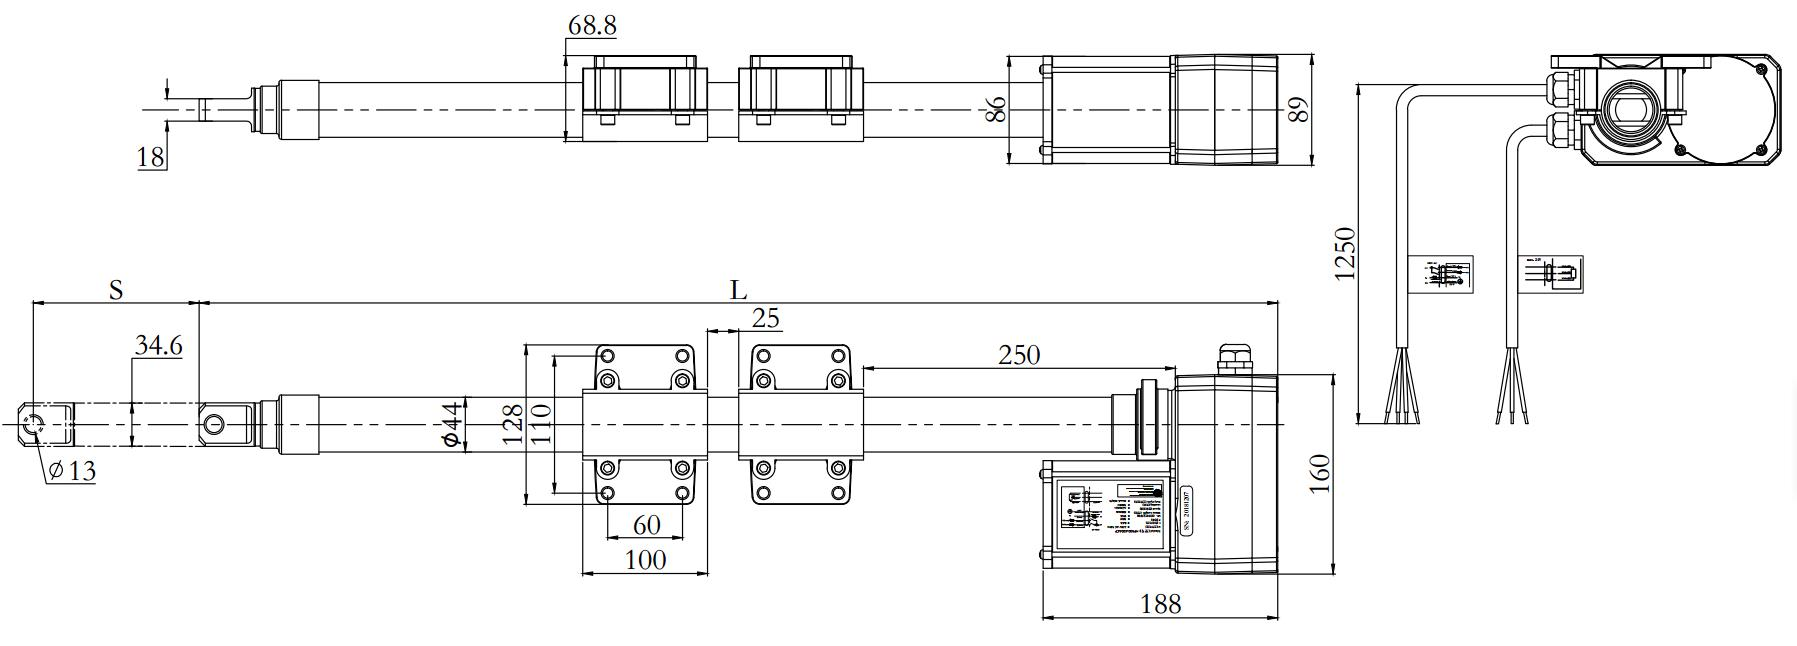 vent door actuator drawing